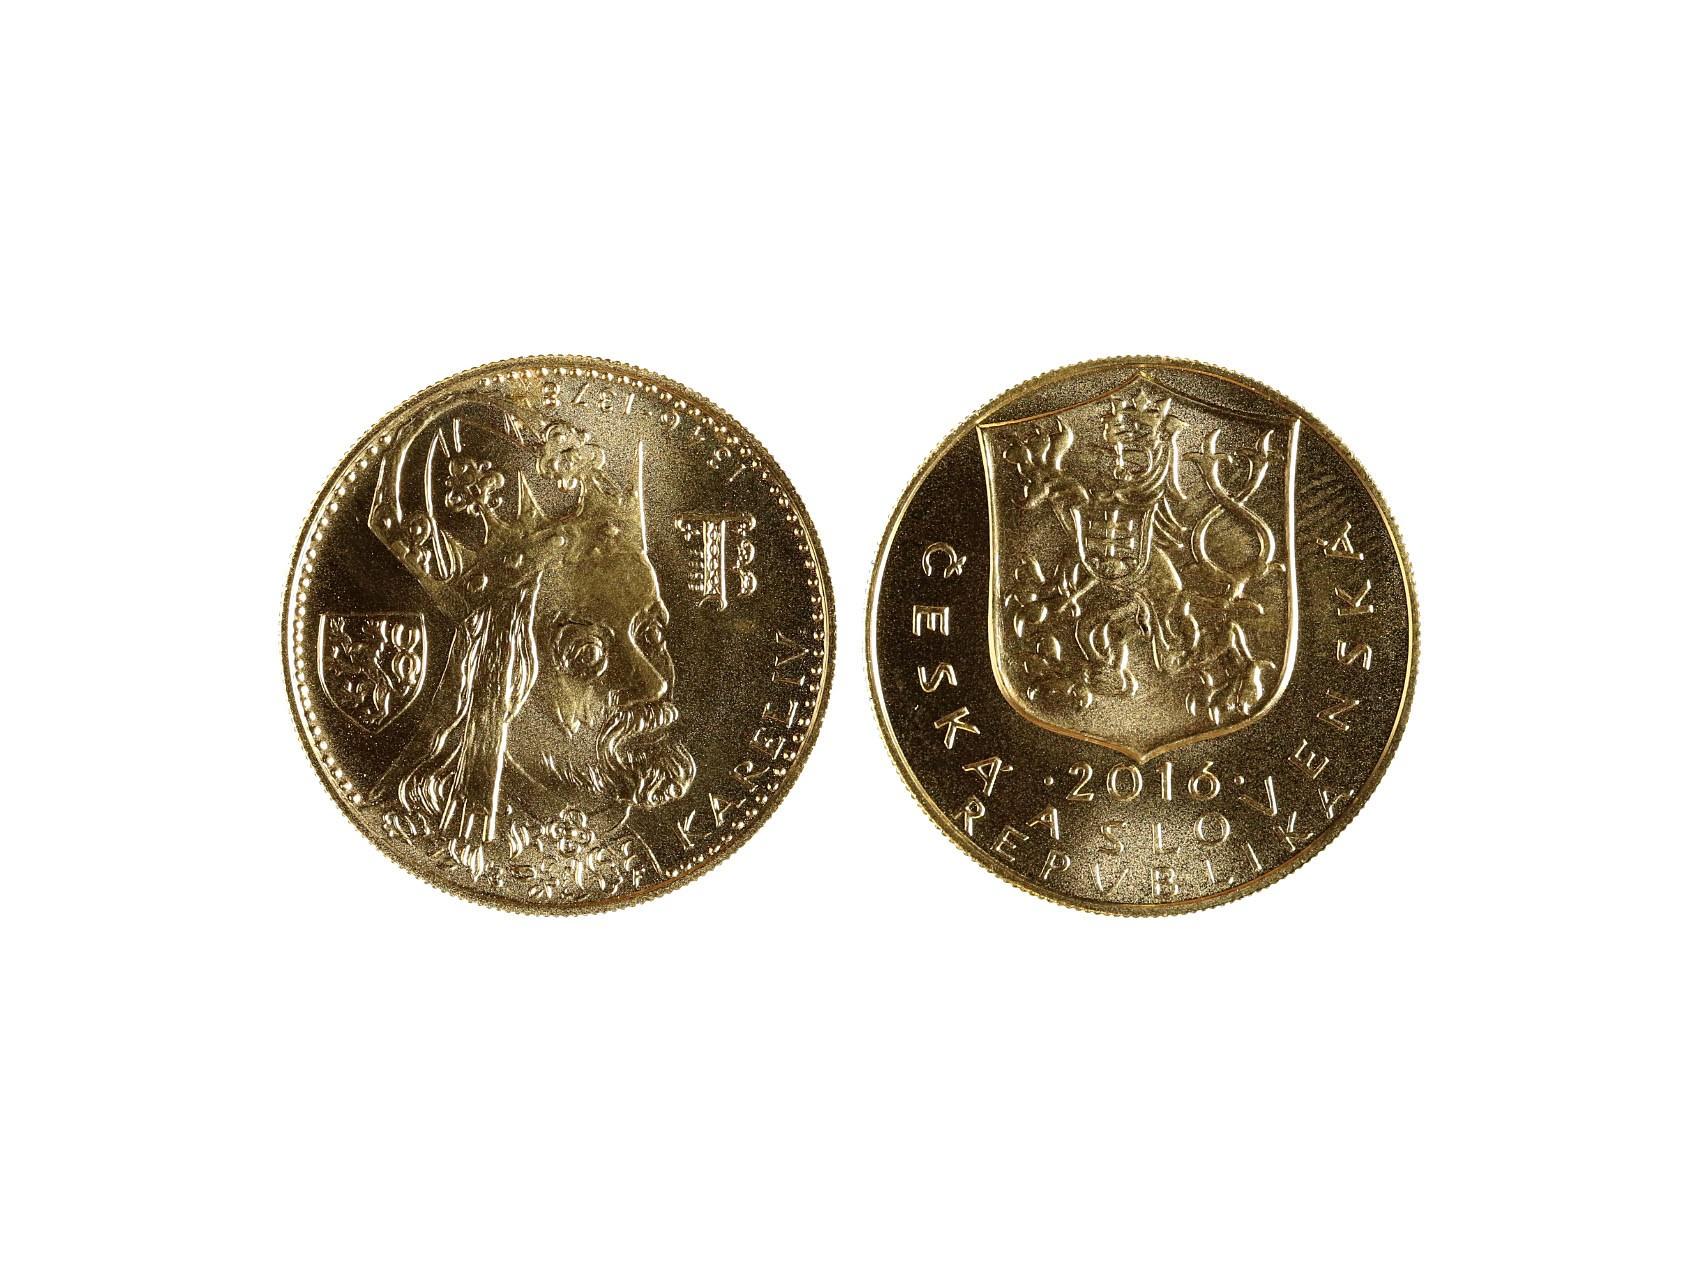 Česká Republika 1993 - 2 dukát k výročí 700.let od narození Karla IV. 1316 - 2016,  Au 0,986, náklad 100ks, číslovaný certifikát č.83, ražba Mincovna kremnice, etue